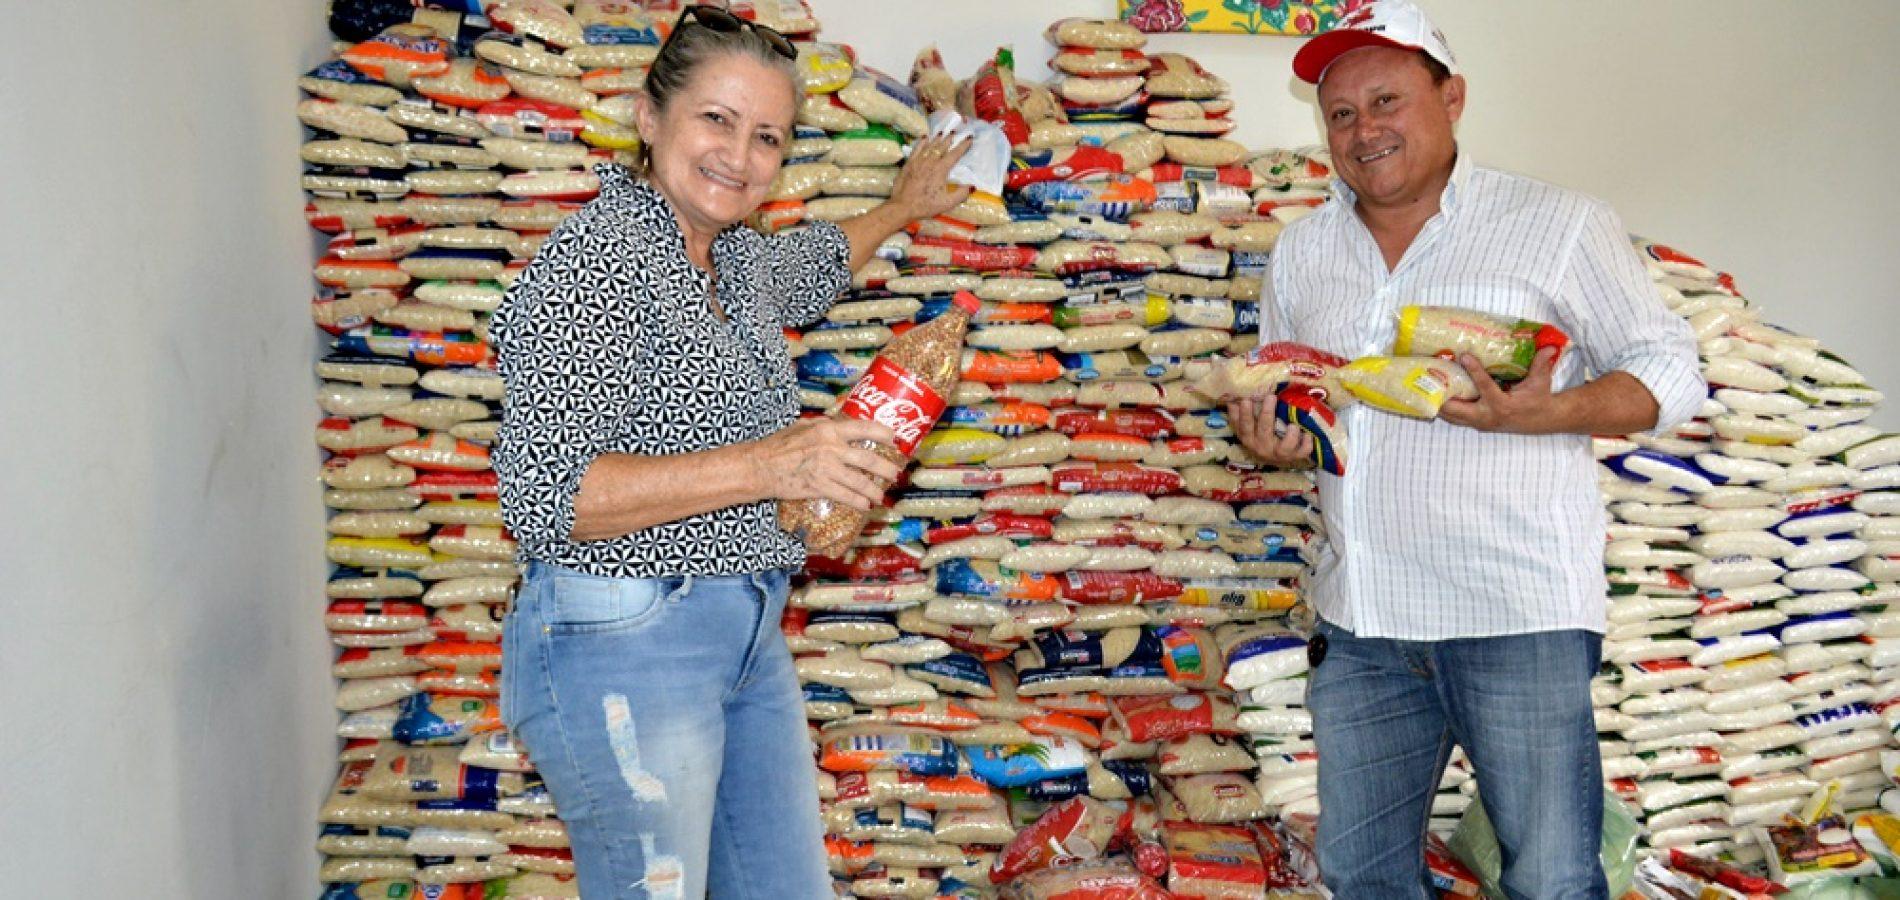 Prefeitura arrecada quatro toneladas de alimentos e distribui para famílias vilanovenses